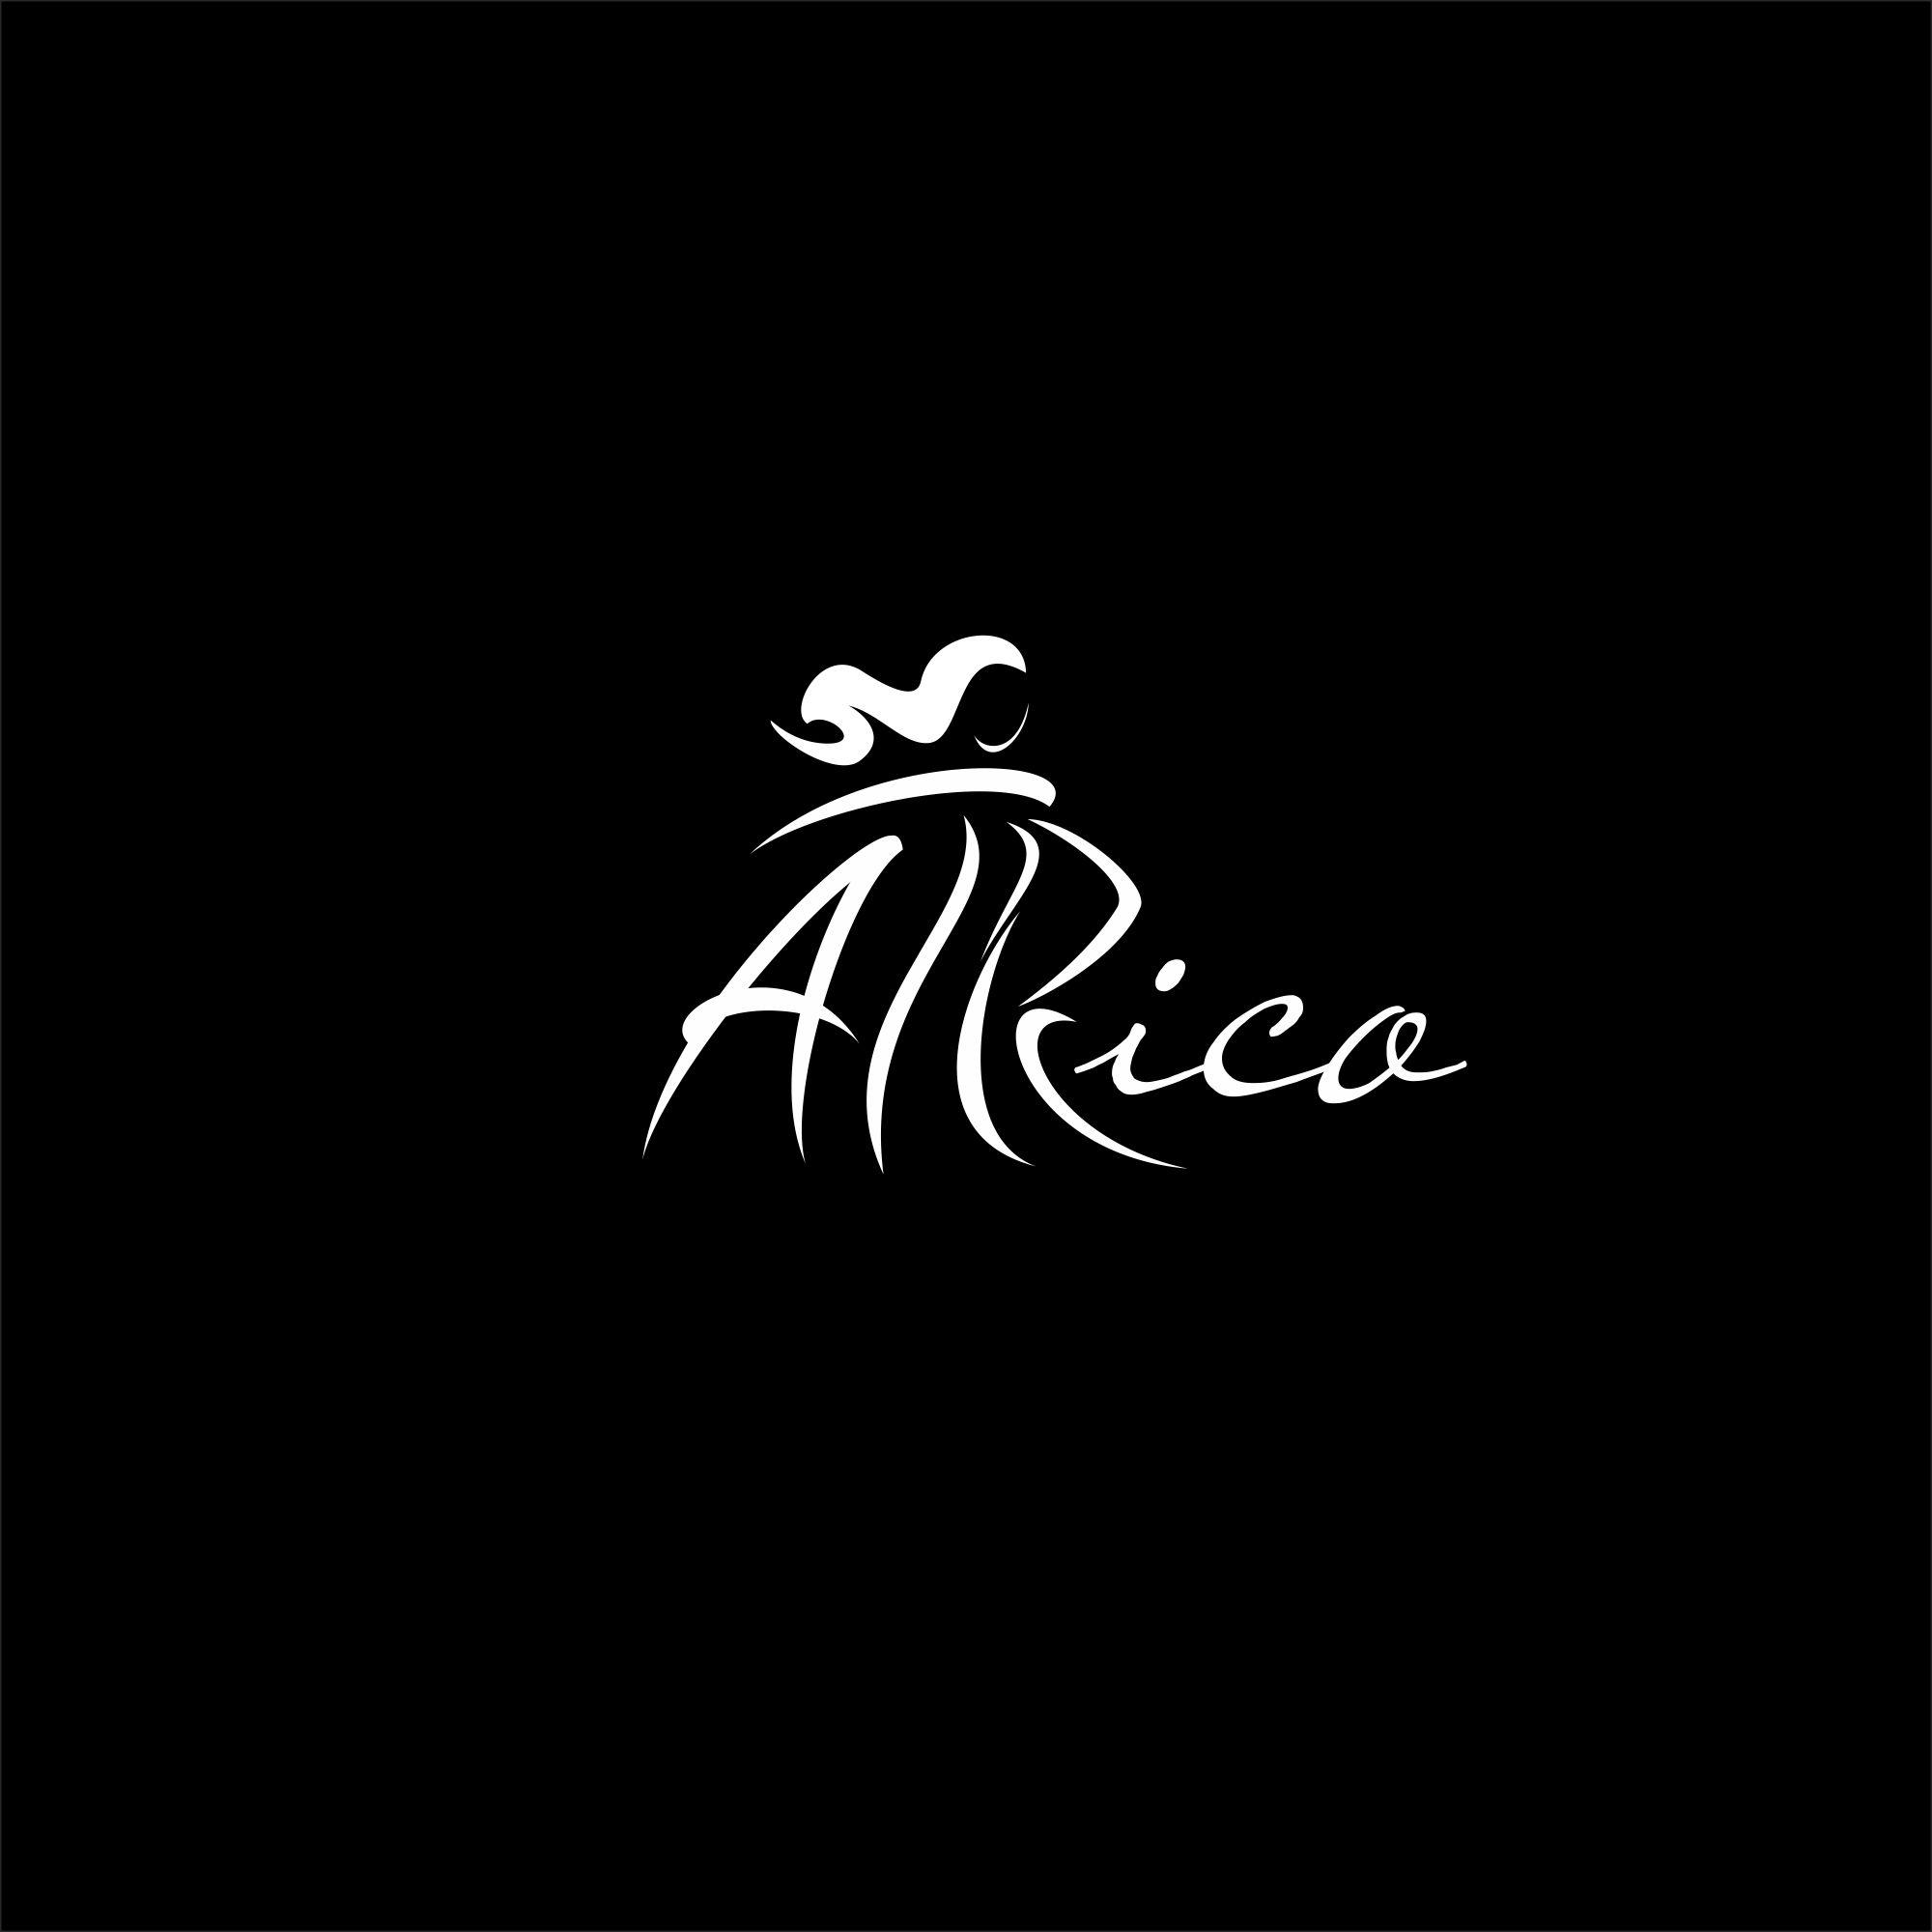 Логотип для брендовой пряжи и трикотажной одежды фото f_09660017b567140b.jpg